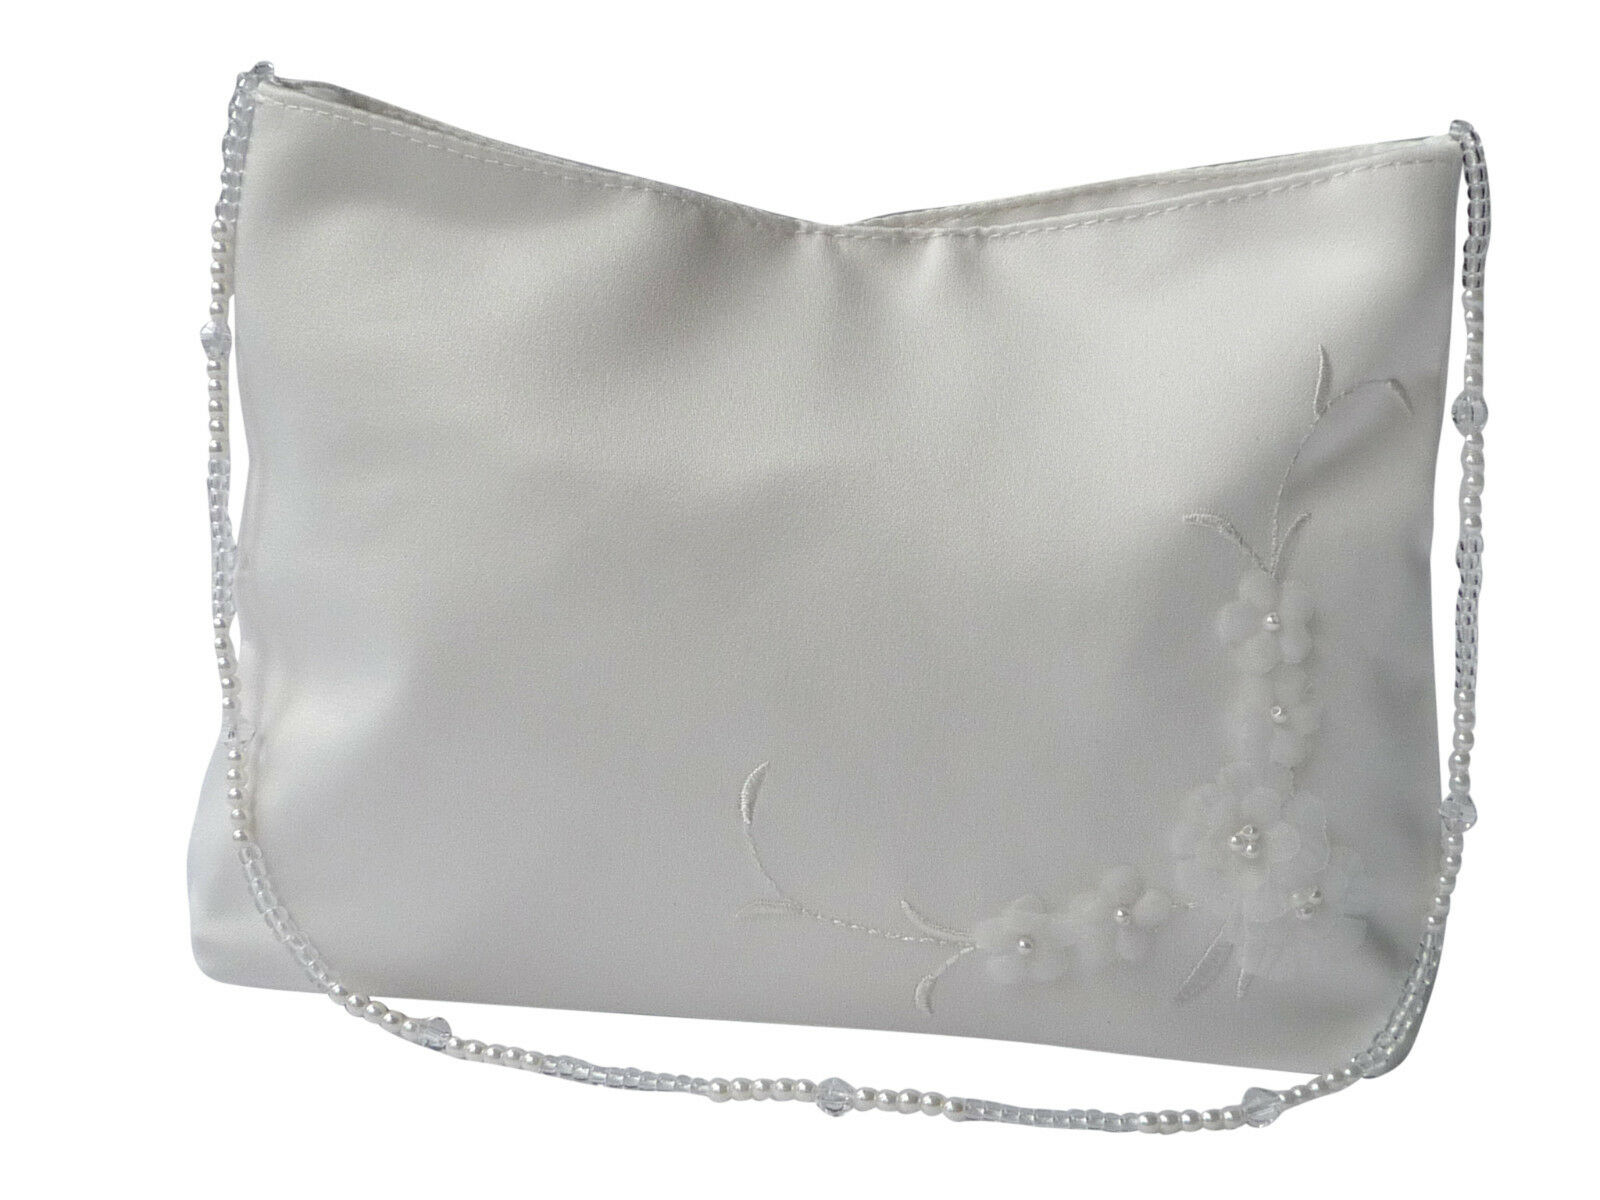 HBH Brautmoden Brauthandtasche aus Satin mit Blumen bestickt,Farbe: Ivory, Weiss